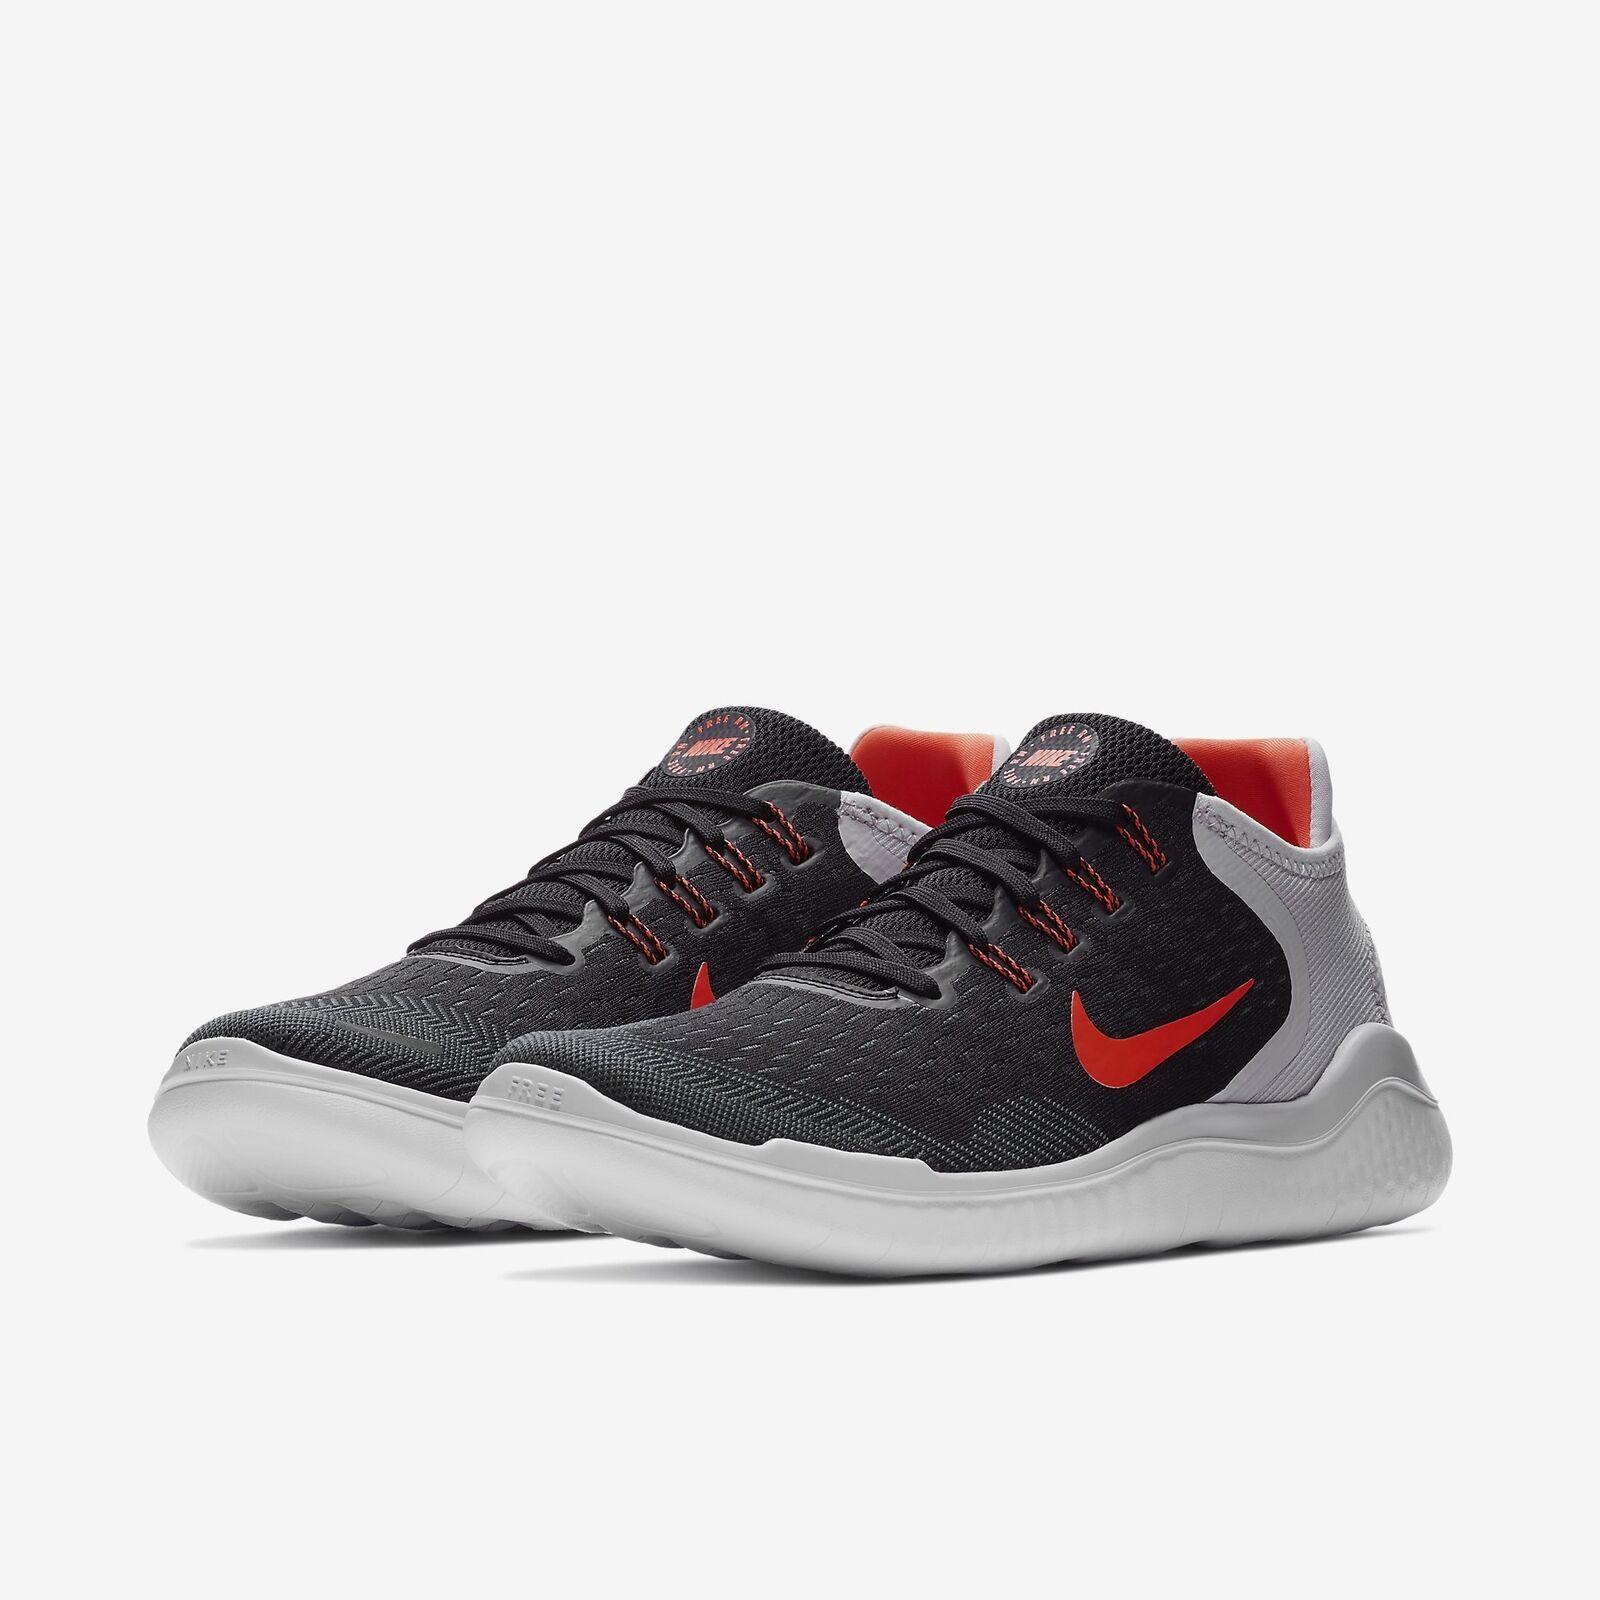 Nike Free RN 2018 Black/Vast Grey/White/Total Crimson Mens Running All NEW